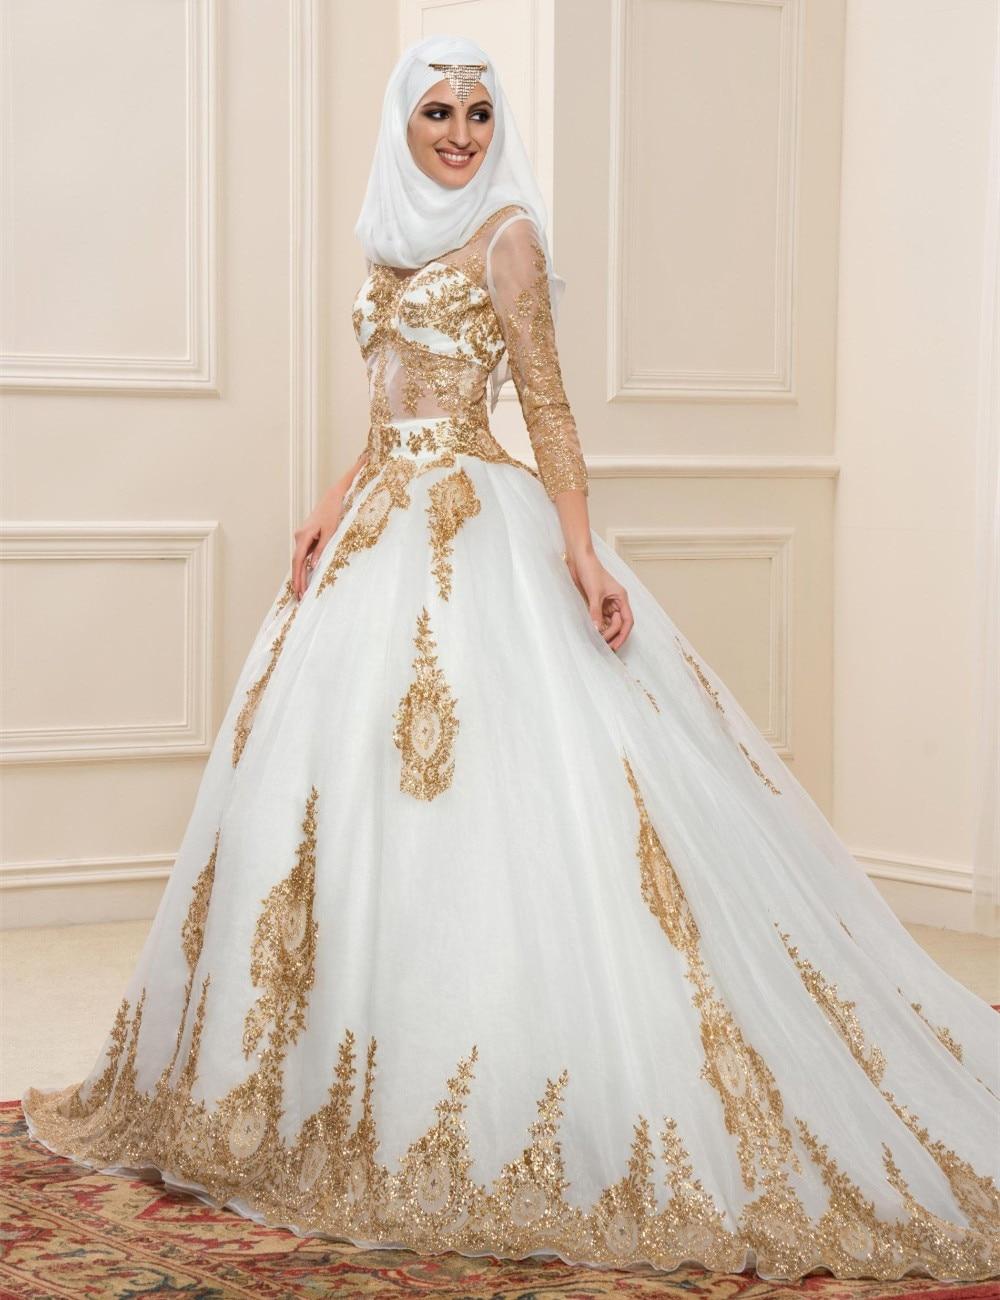 wedding dresses see through back see through wedding dresses Lace Back Mermaid Wedding Dress Naf Dresses See Through